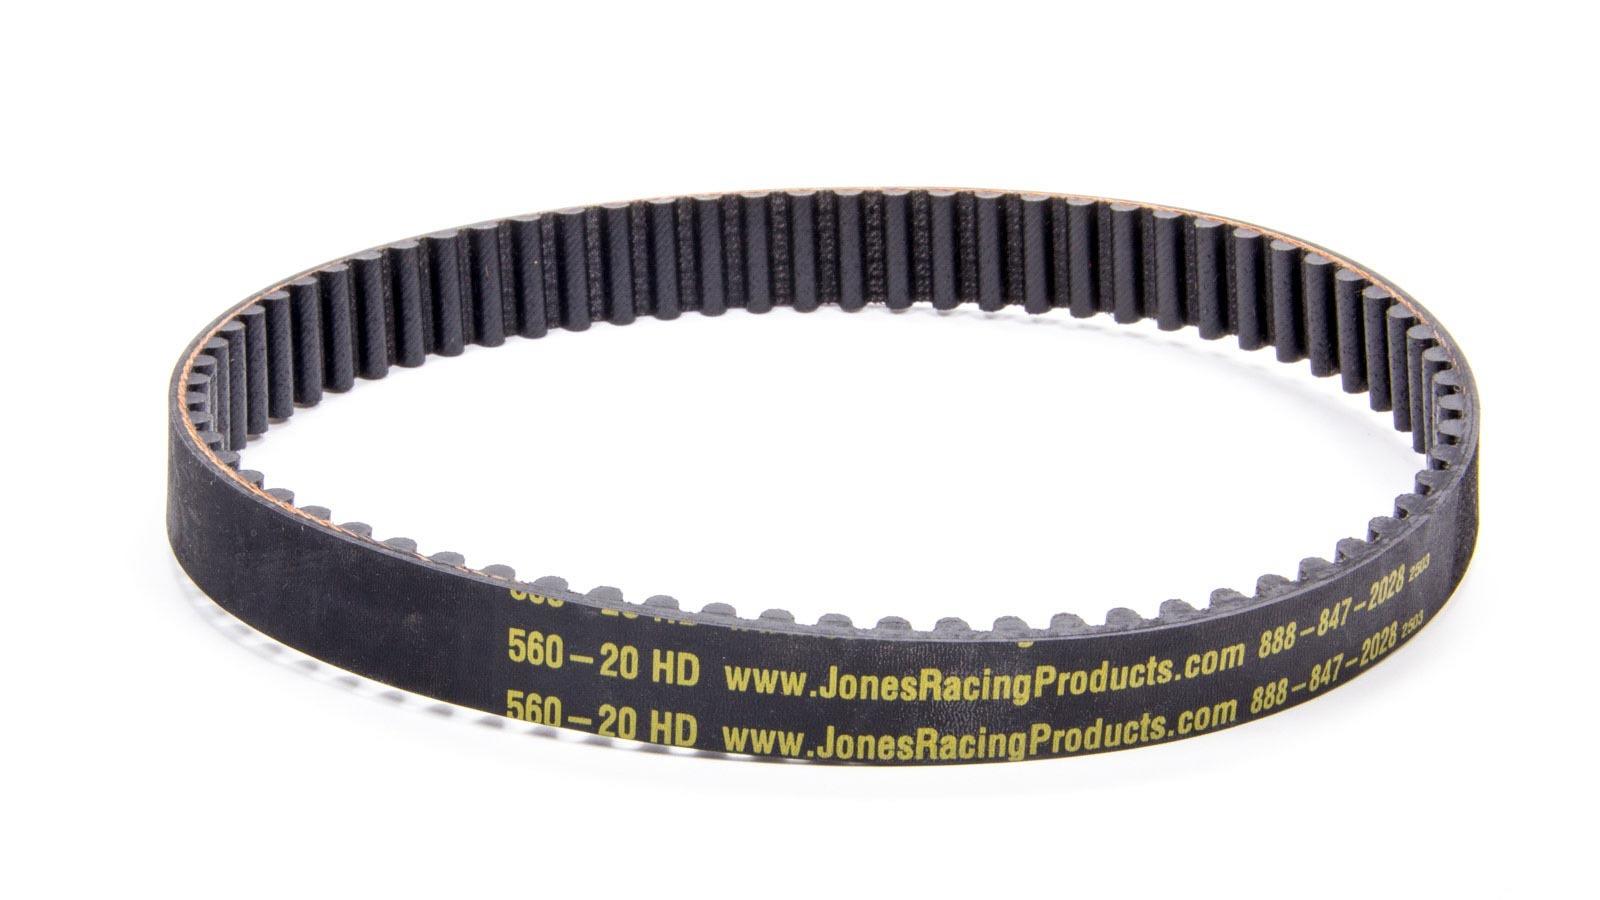 HTD Belt 27.402in Long 20mm Wide